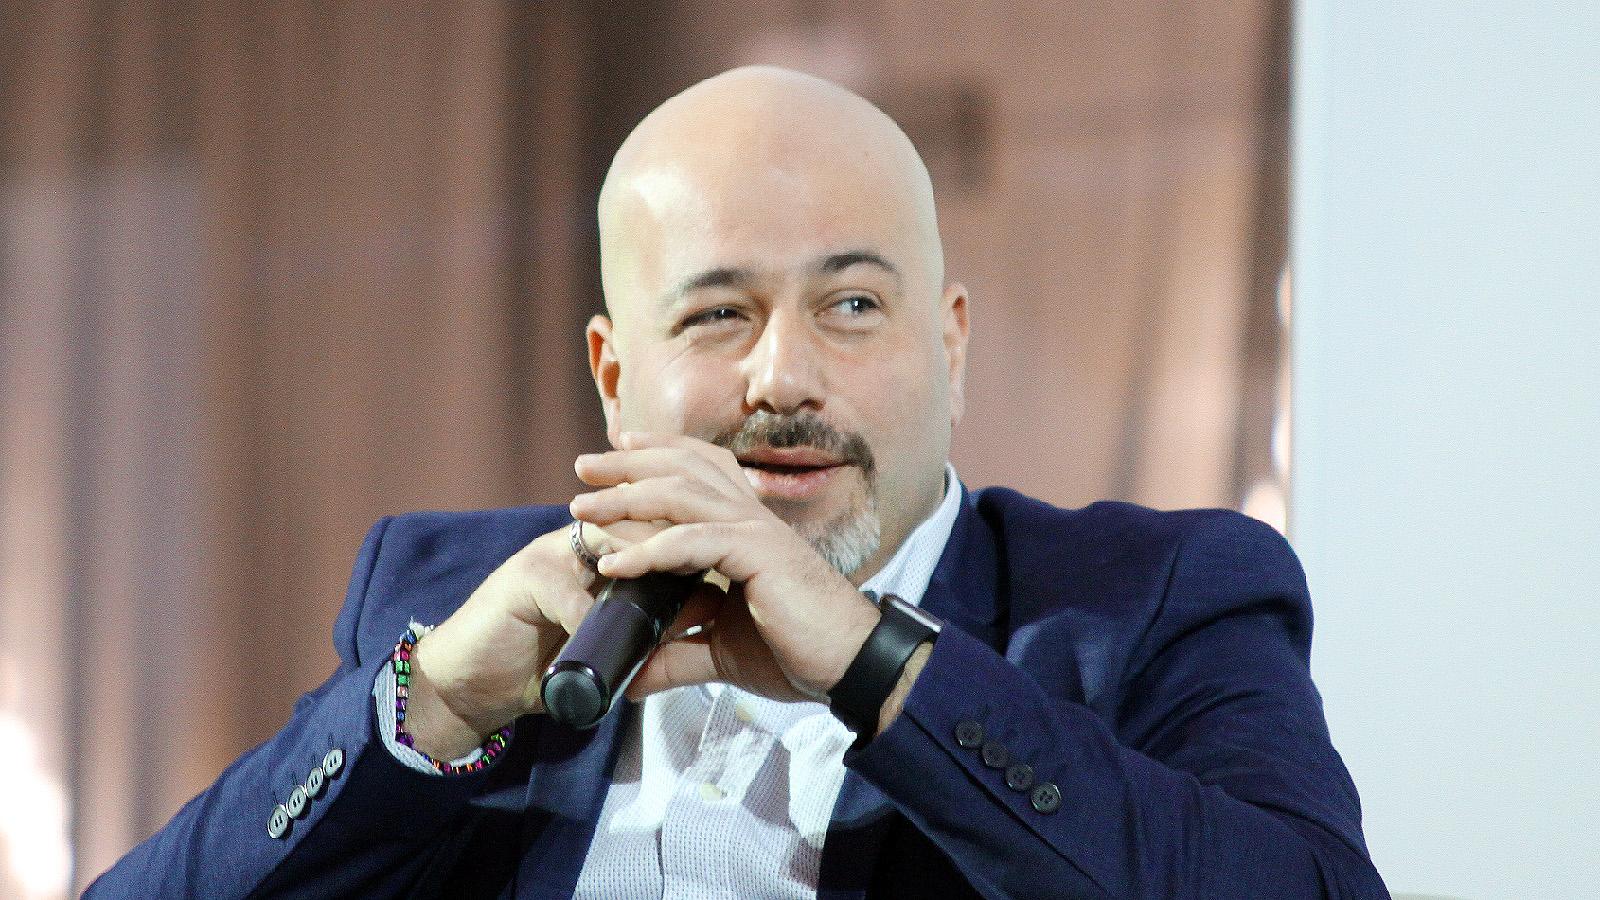 14 млн человек потратят по 14 тыс. Как окупится «Экспо» в Екатеринбурге